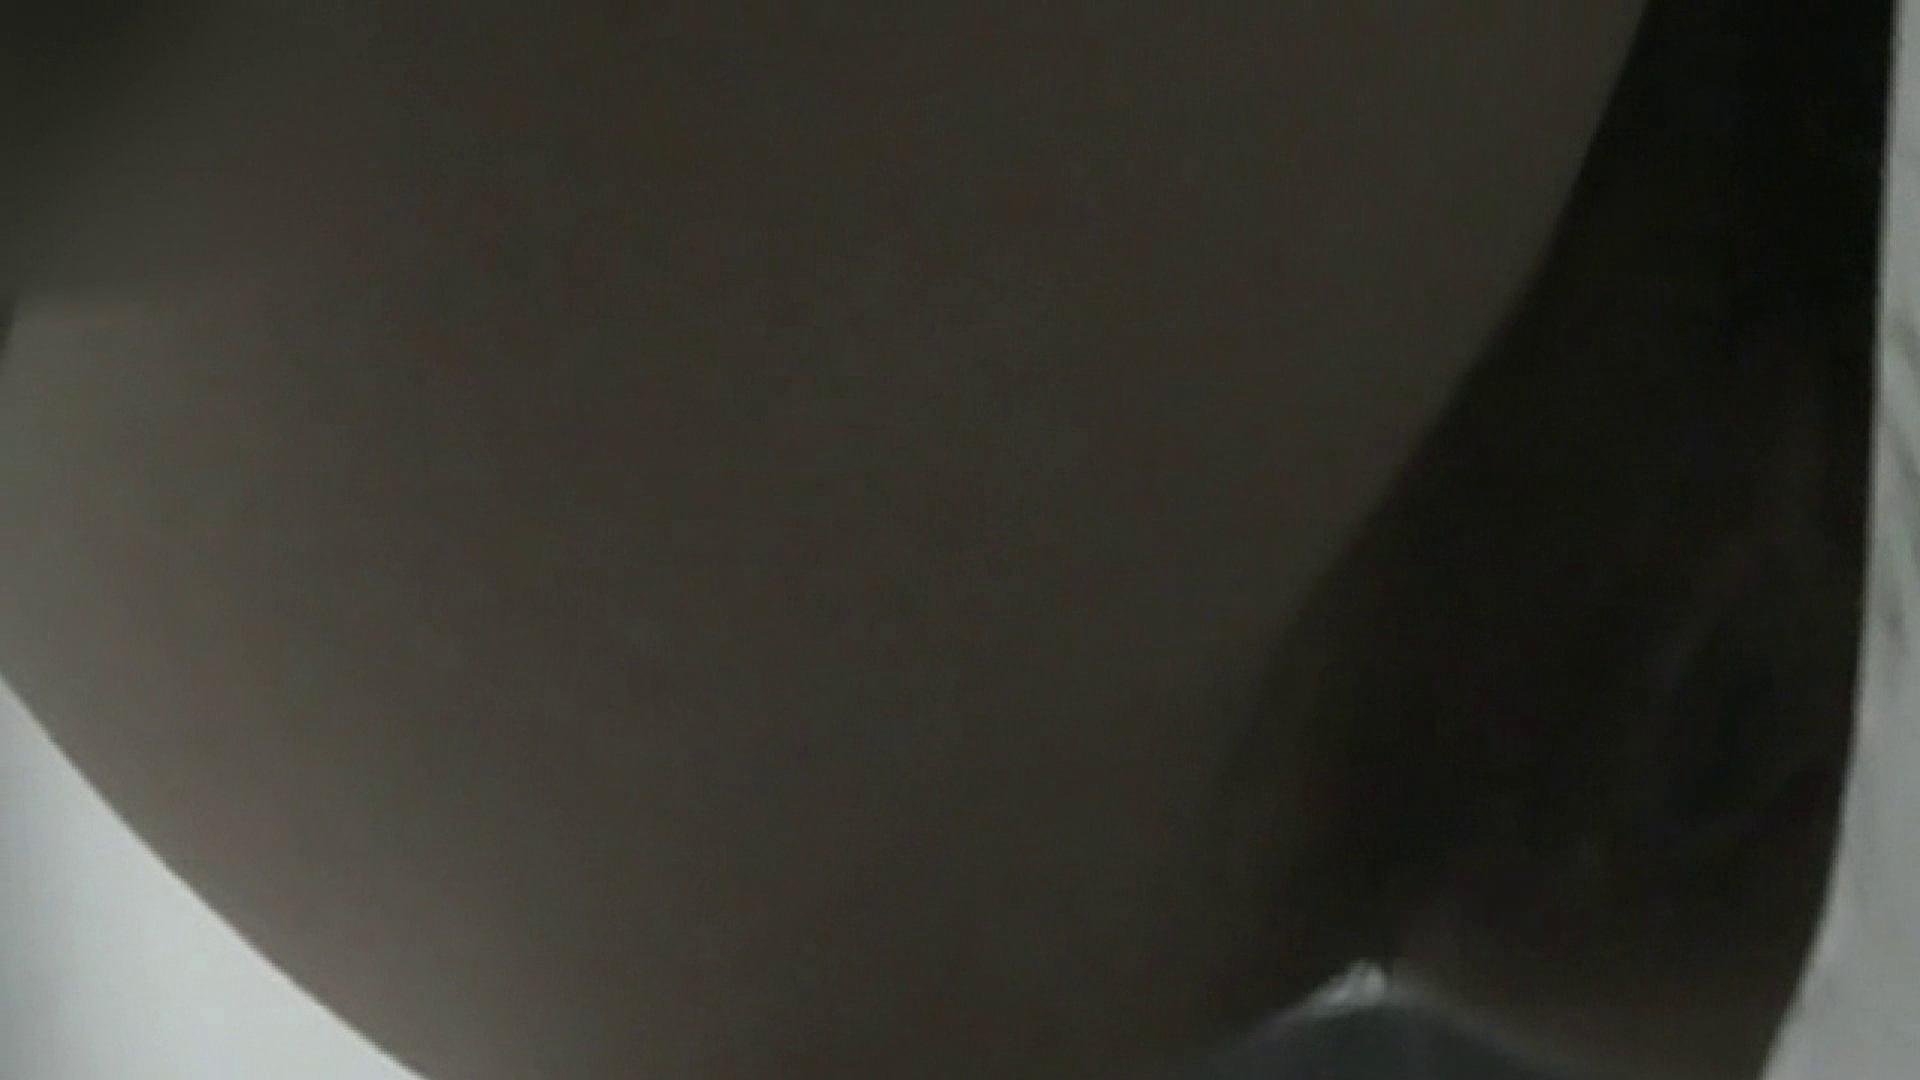 ロックハンドさんの盗撮記録File.77 無修正マンコ 隠し撮りセックス画像 62PICs 59